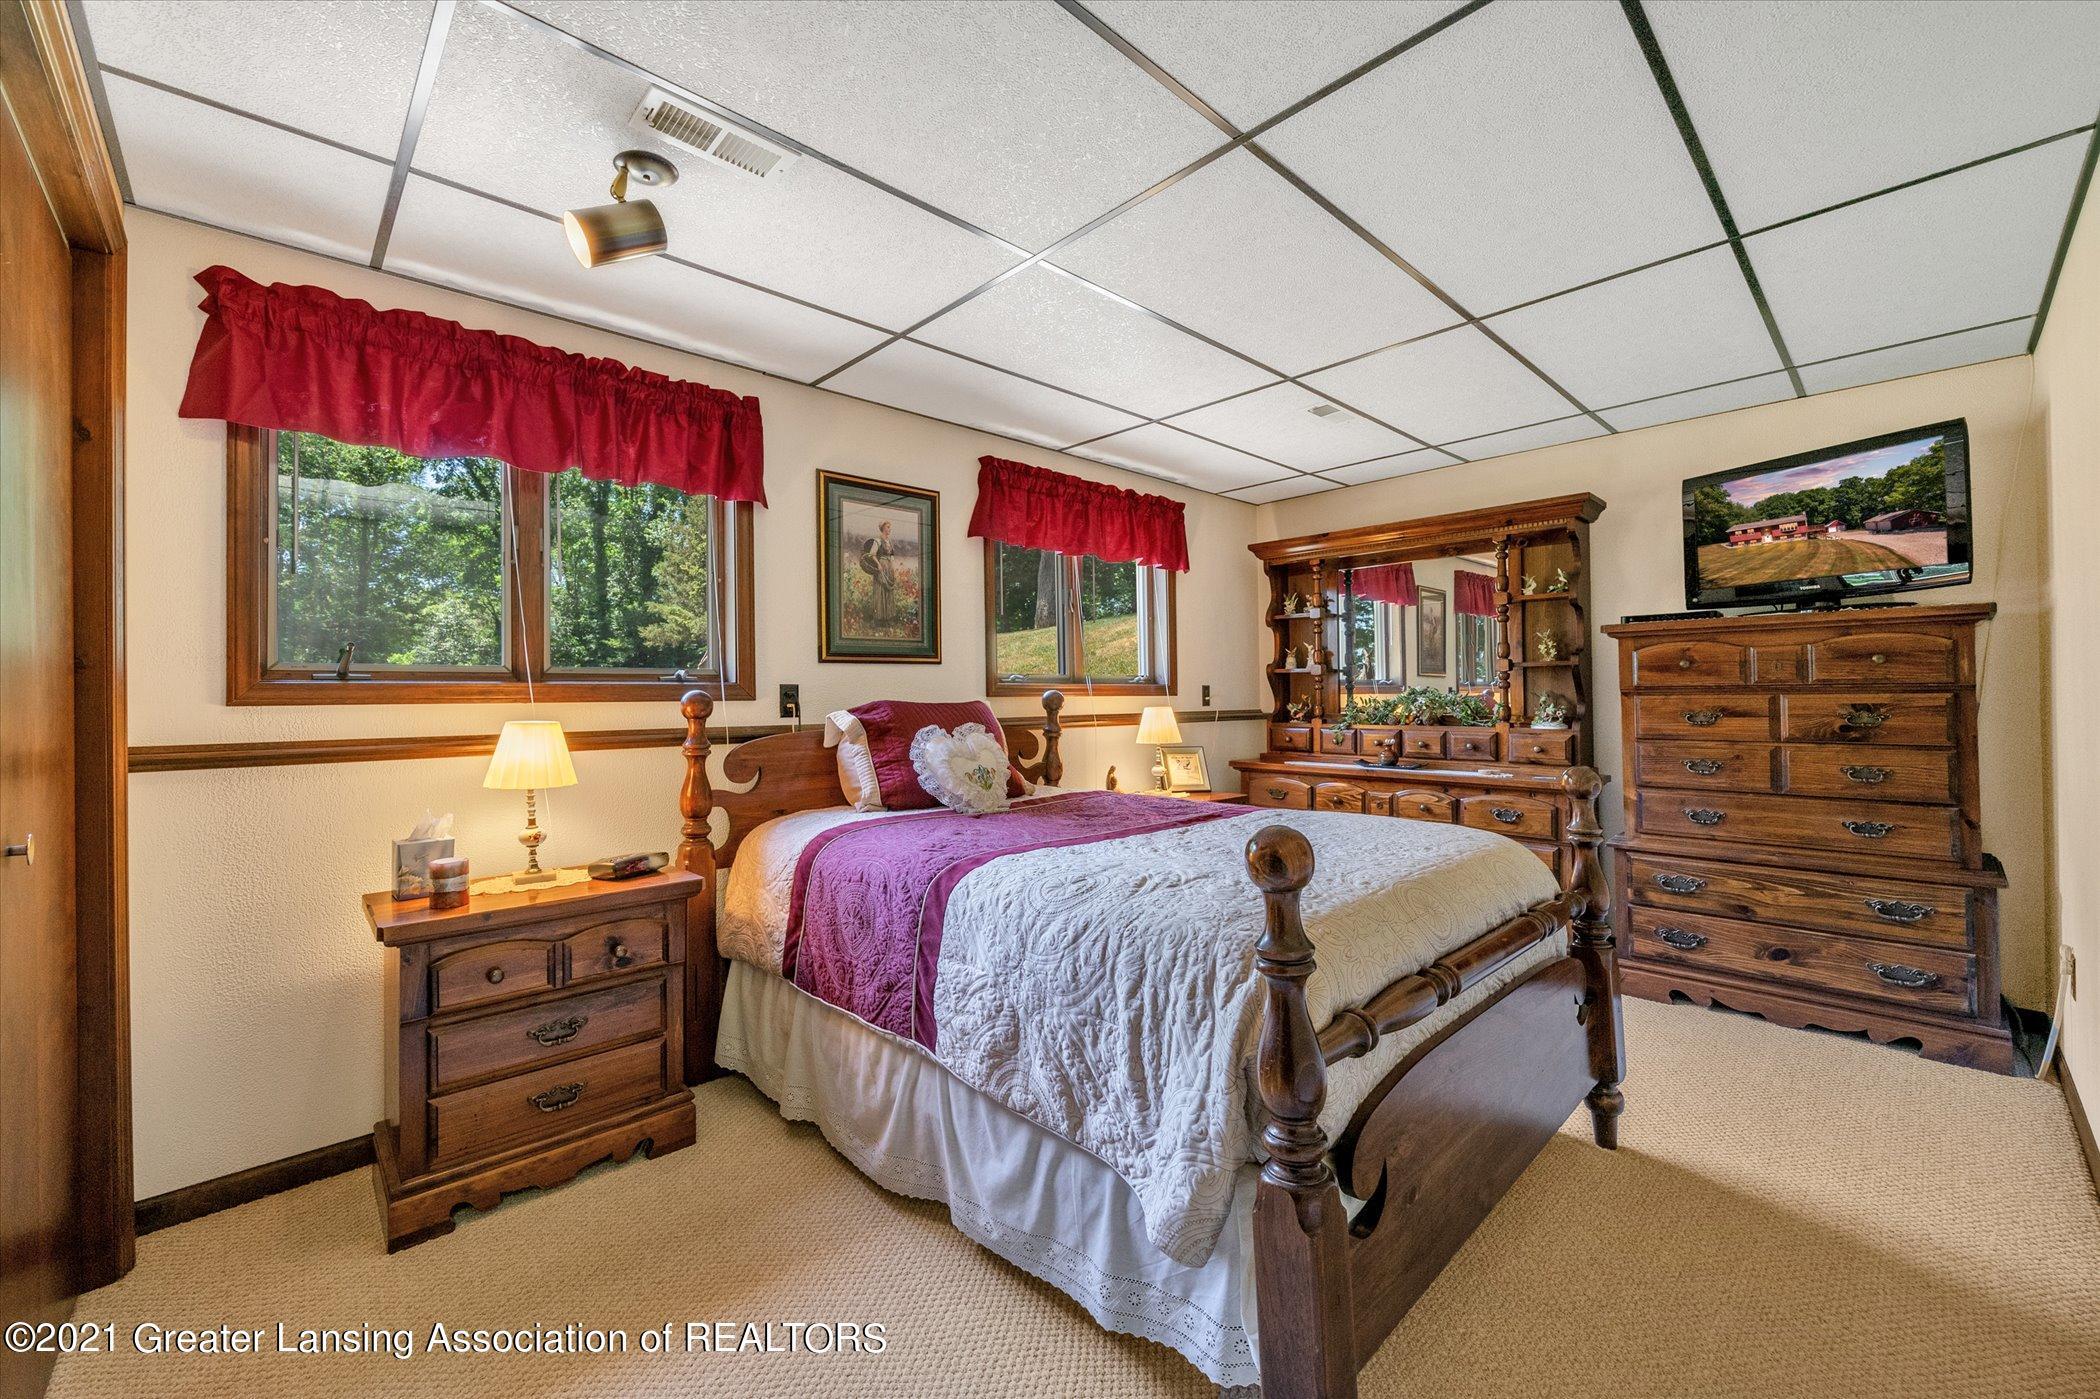 7851 S Cochran Rd - (30) LOWER LEVEL Bedroom 3 - 30